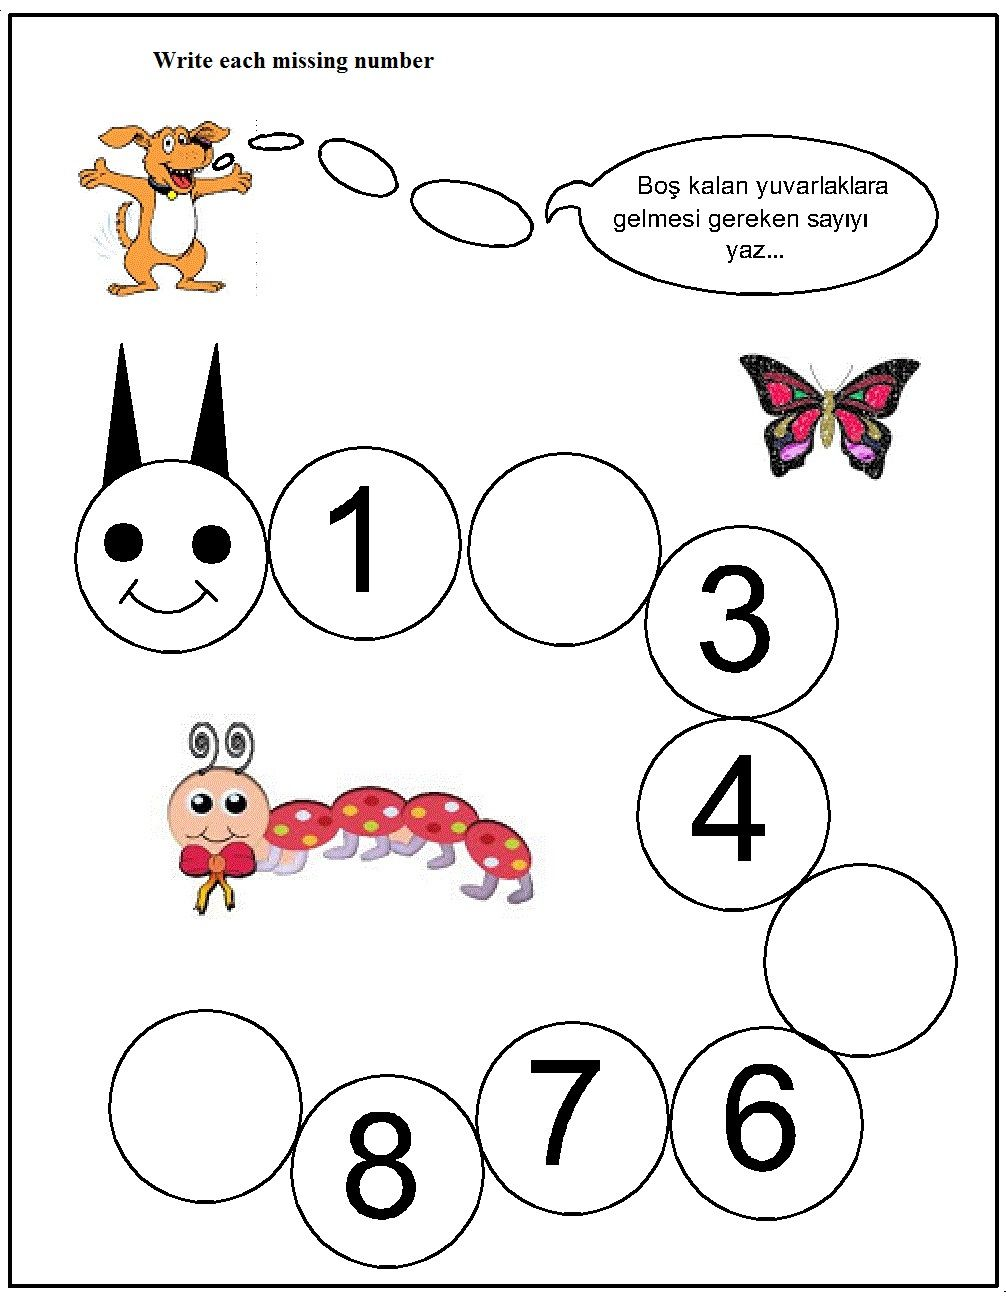 missing number worksheet for kids (5) Anaokulu